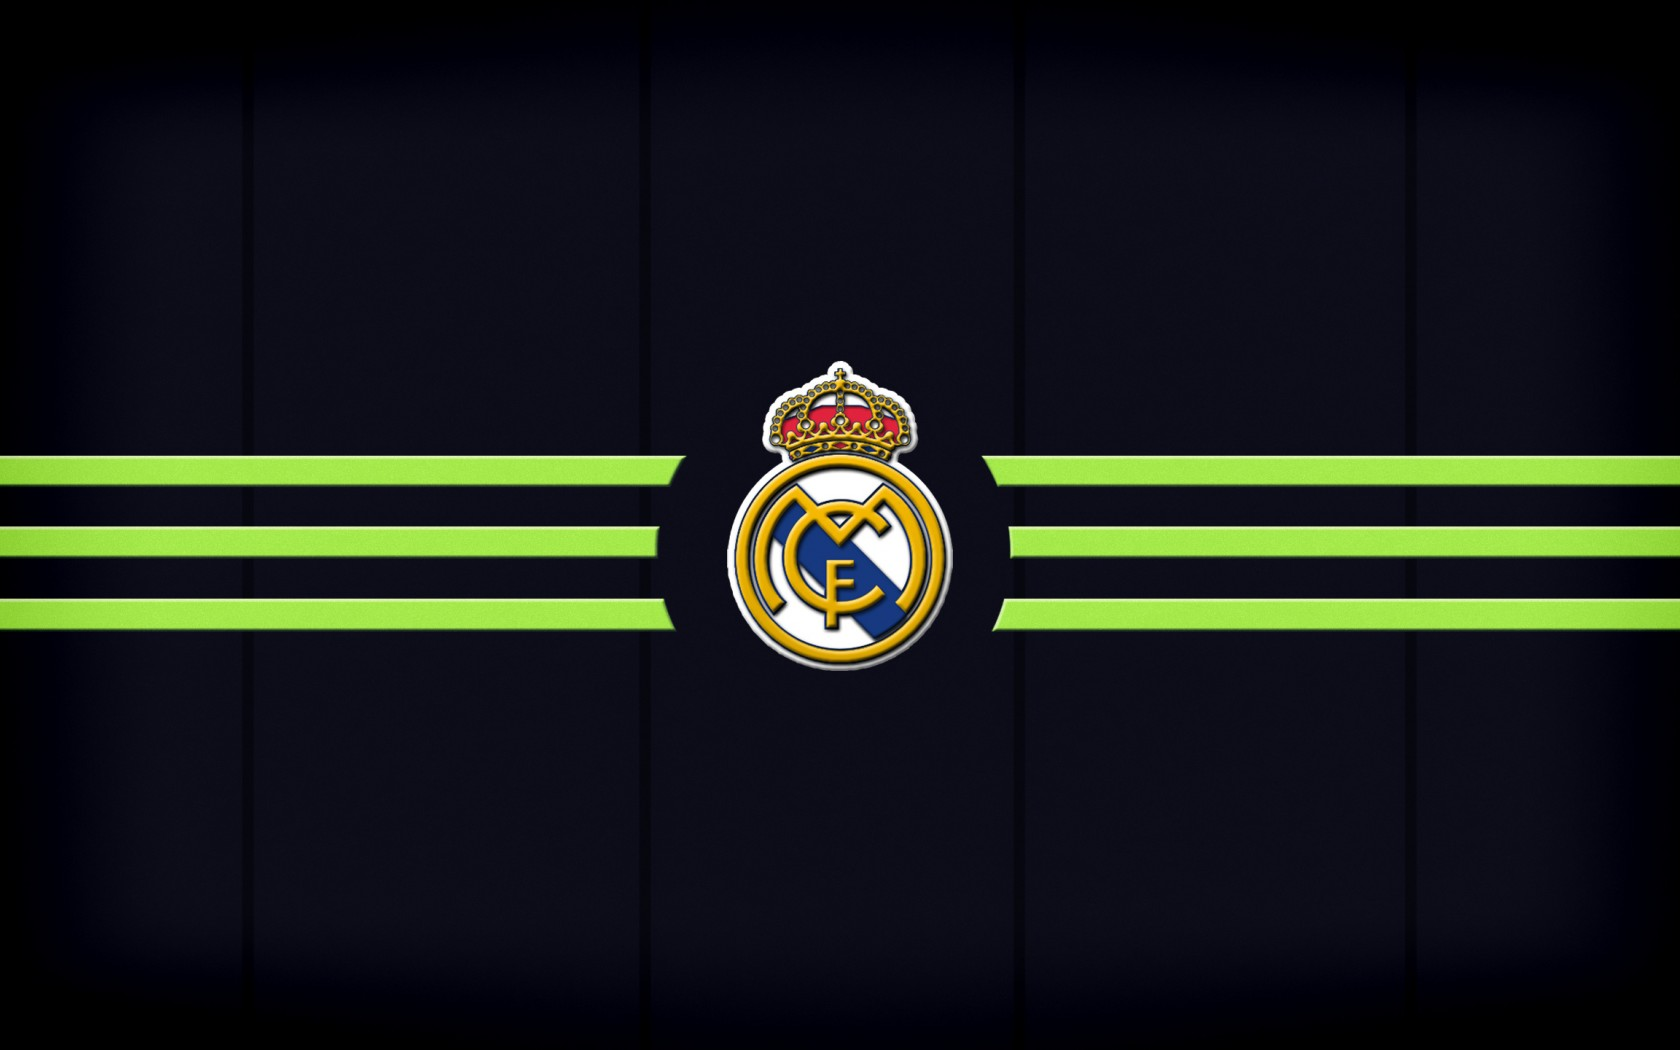 صورة خلفيات ريال مدريد , رمزيات الفريق الاسباني لكرة القدم 3142 2